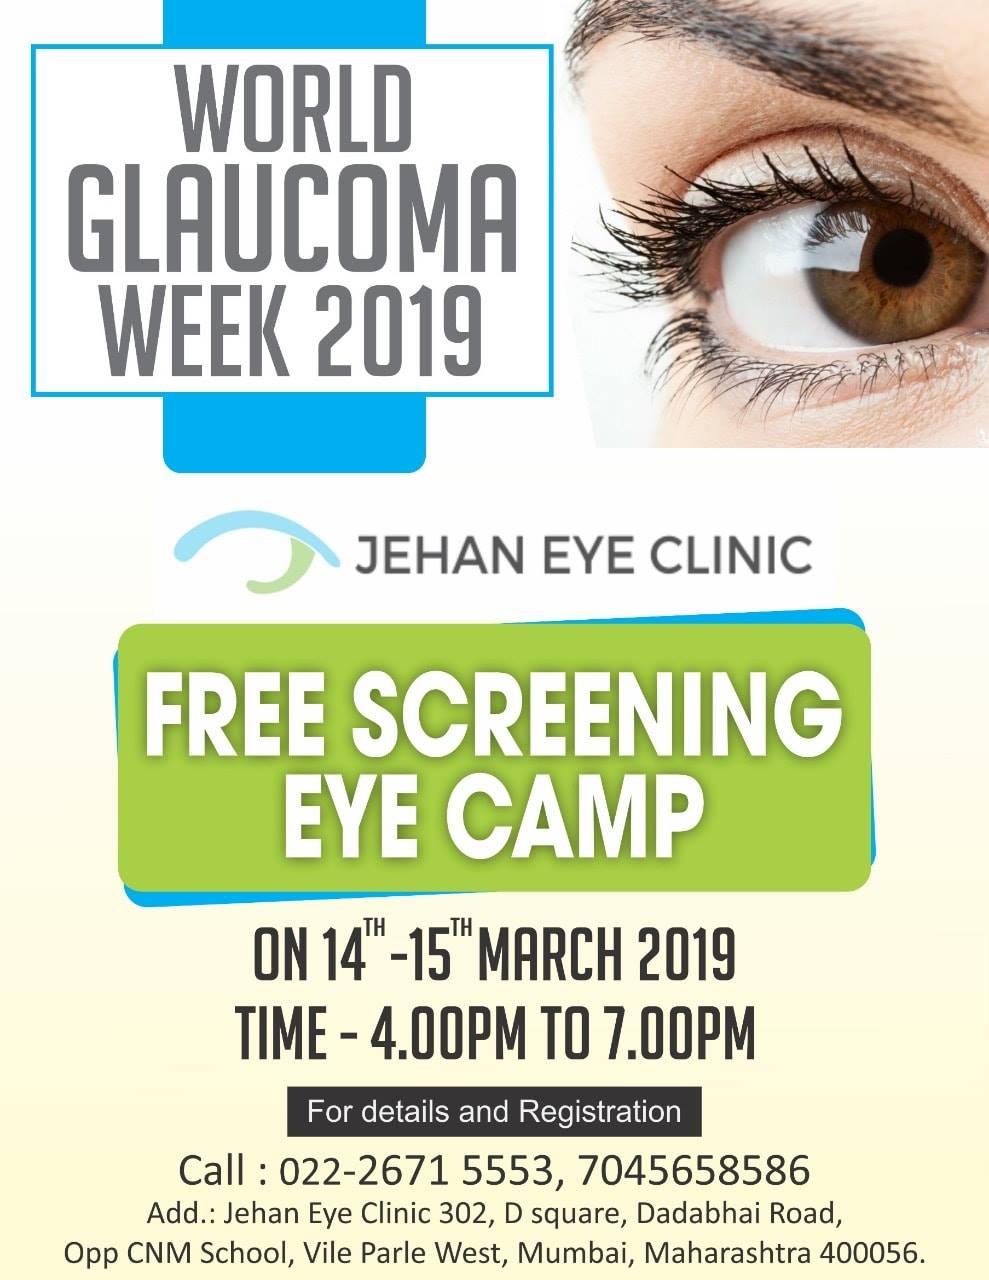 free-eye-screening-camp-jehan-eye-clinic